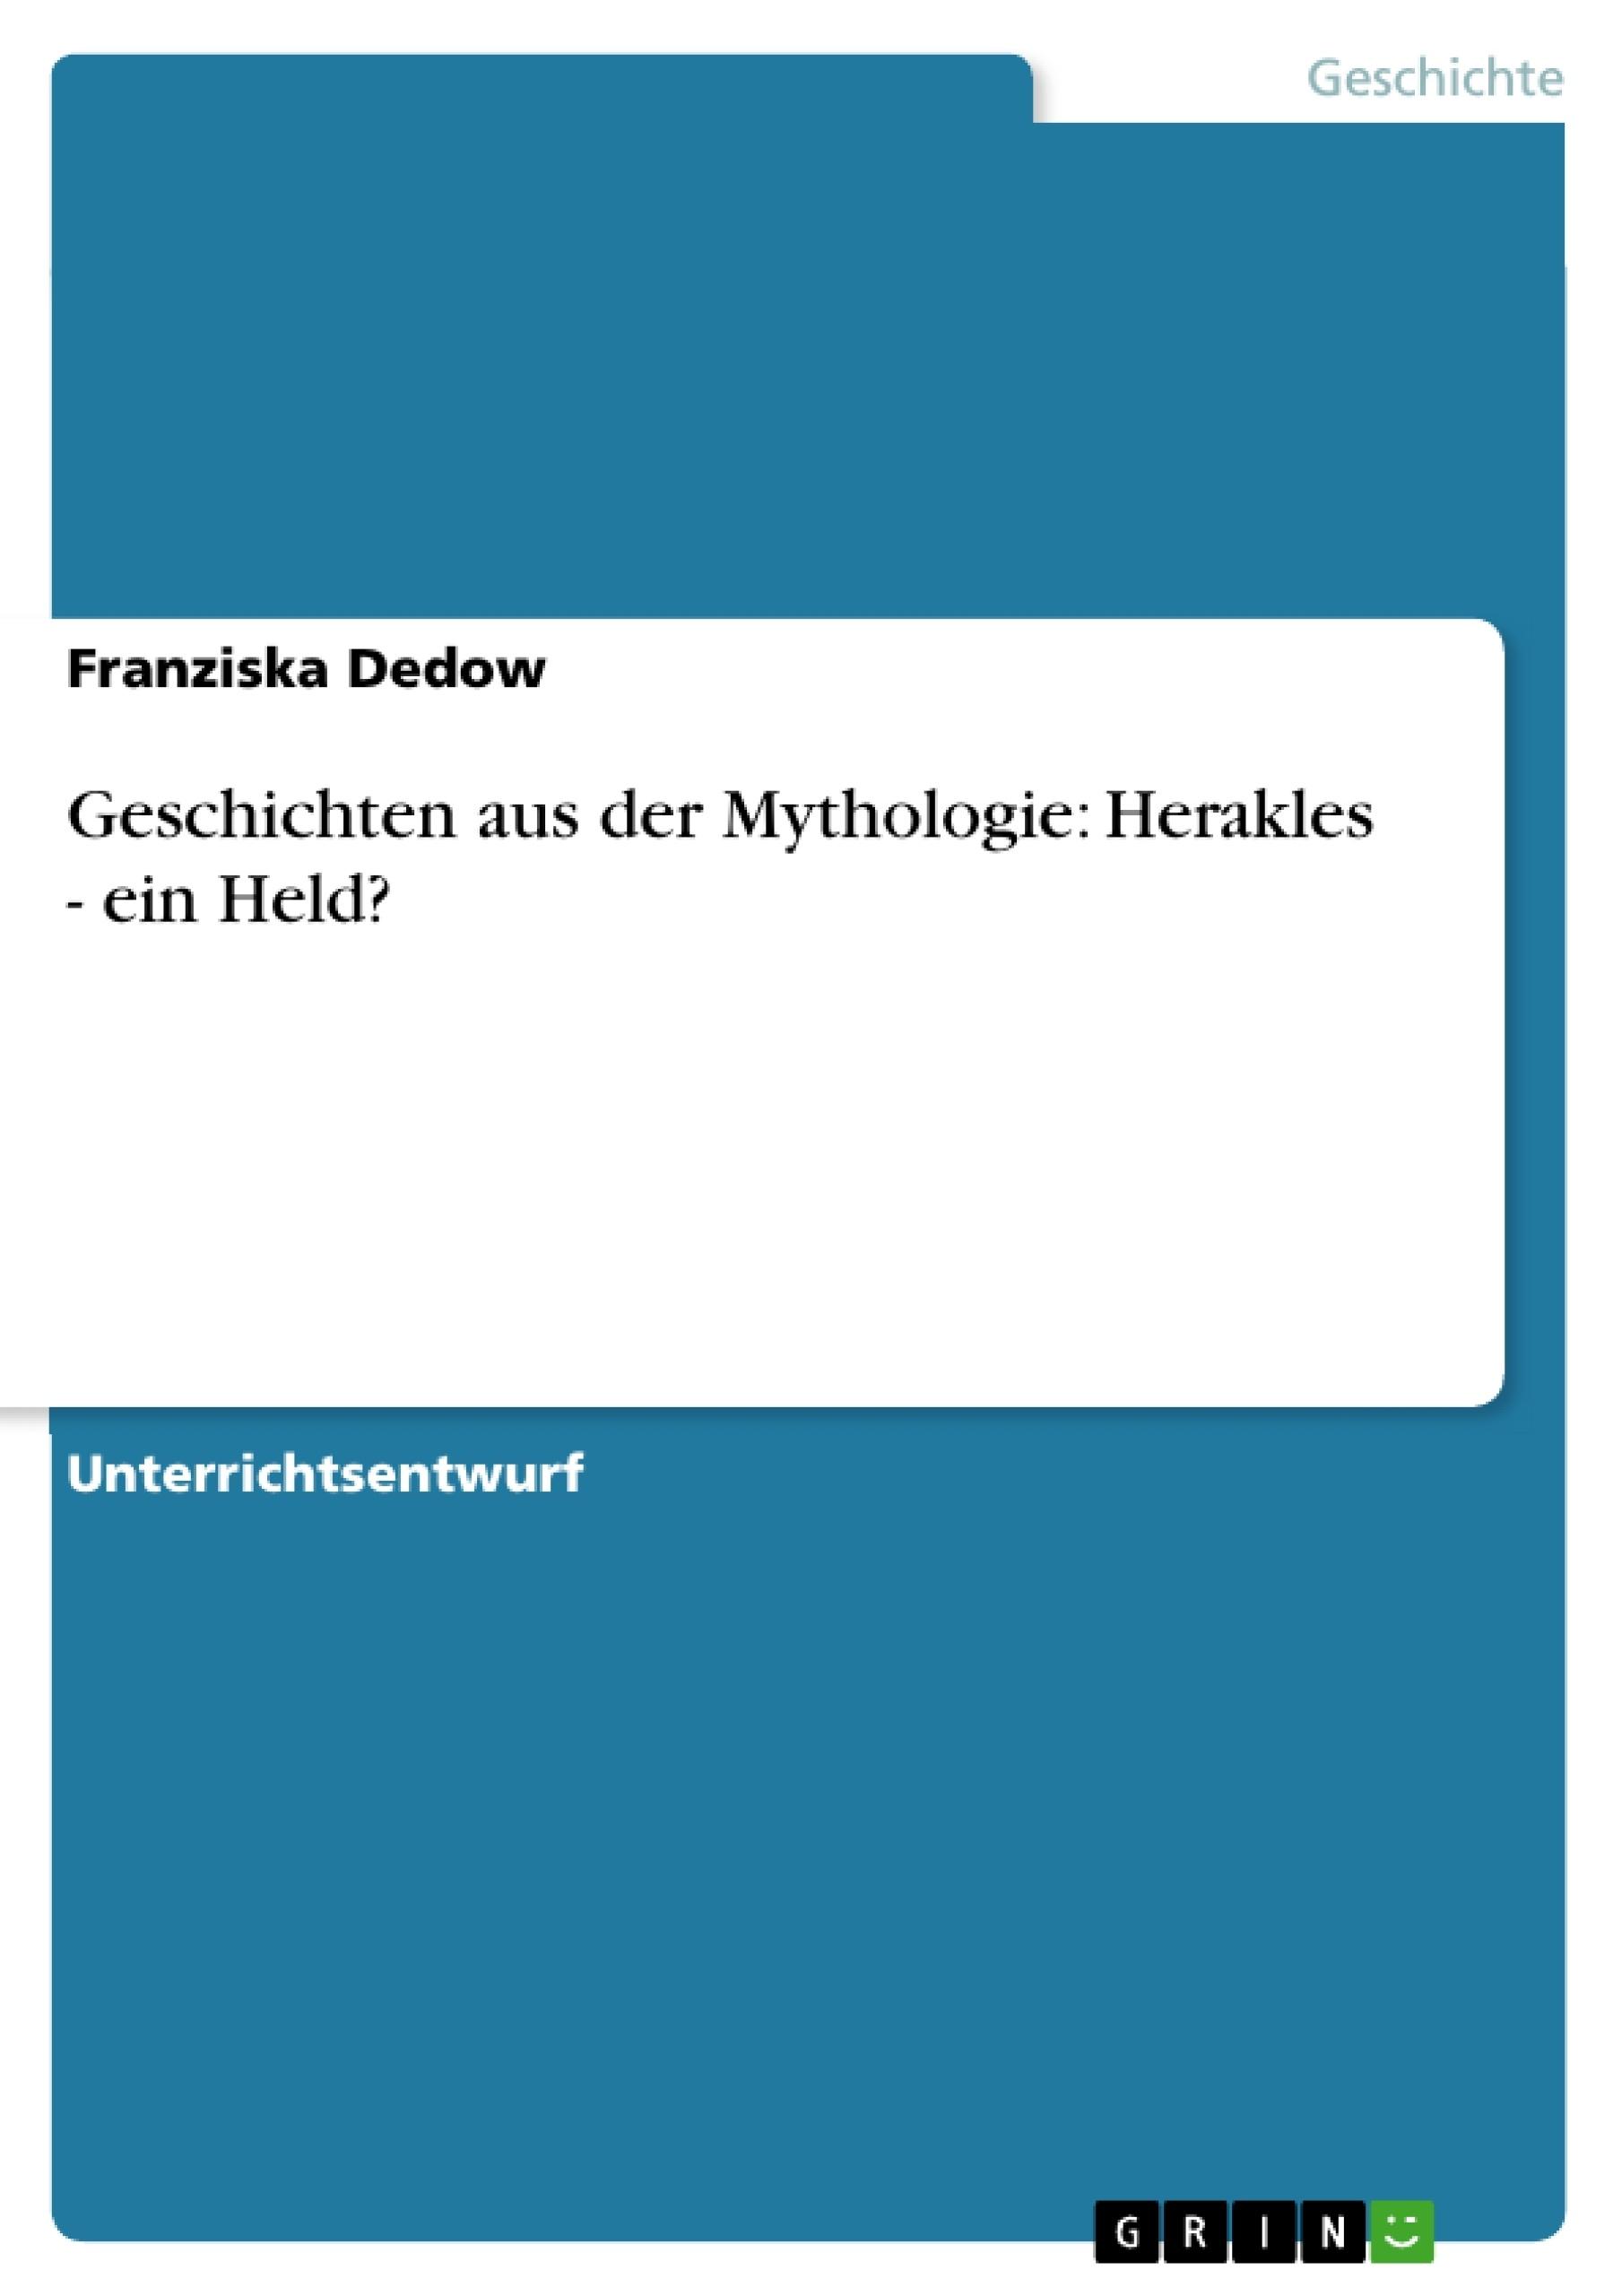 Titel: Geschichten aus der Mythologie: Herakles - ein Held?